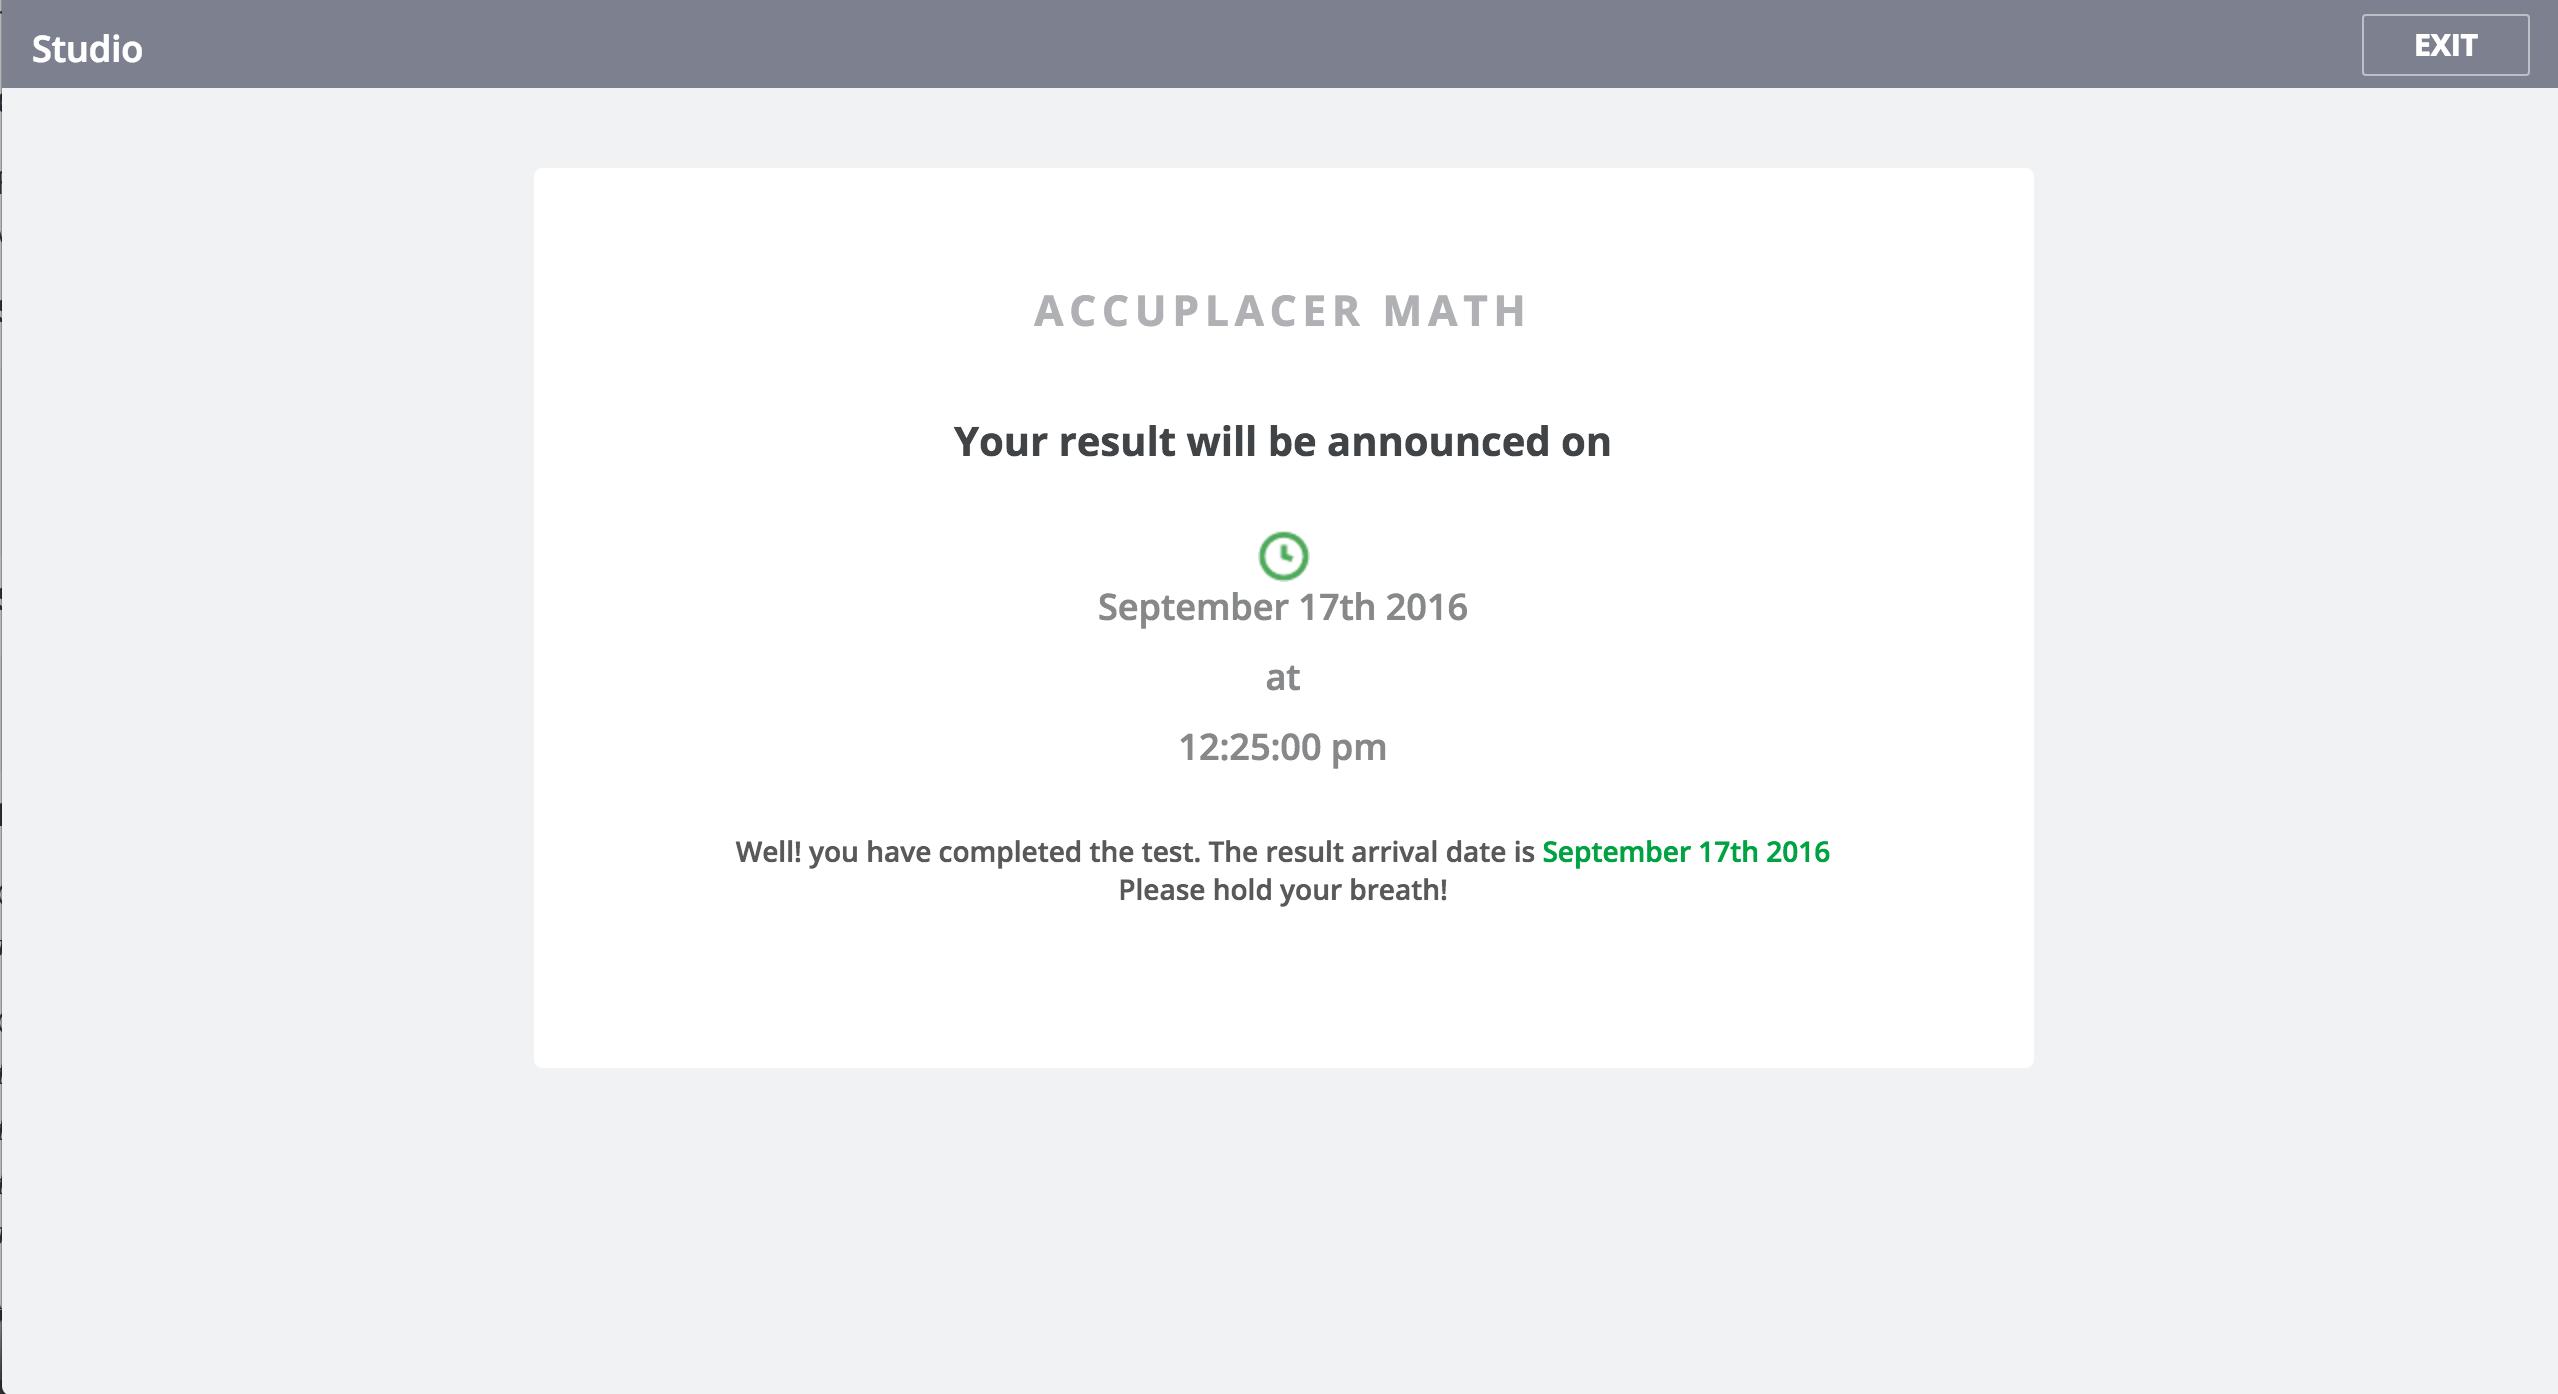 Result scheduled - Student